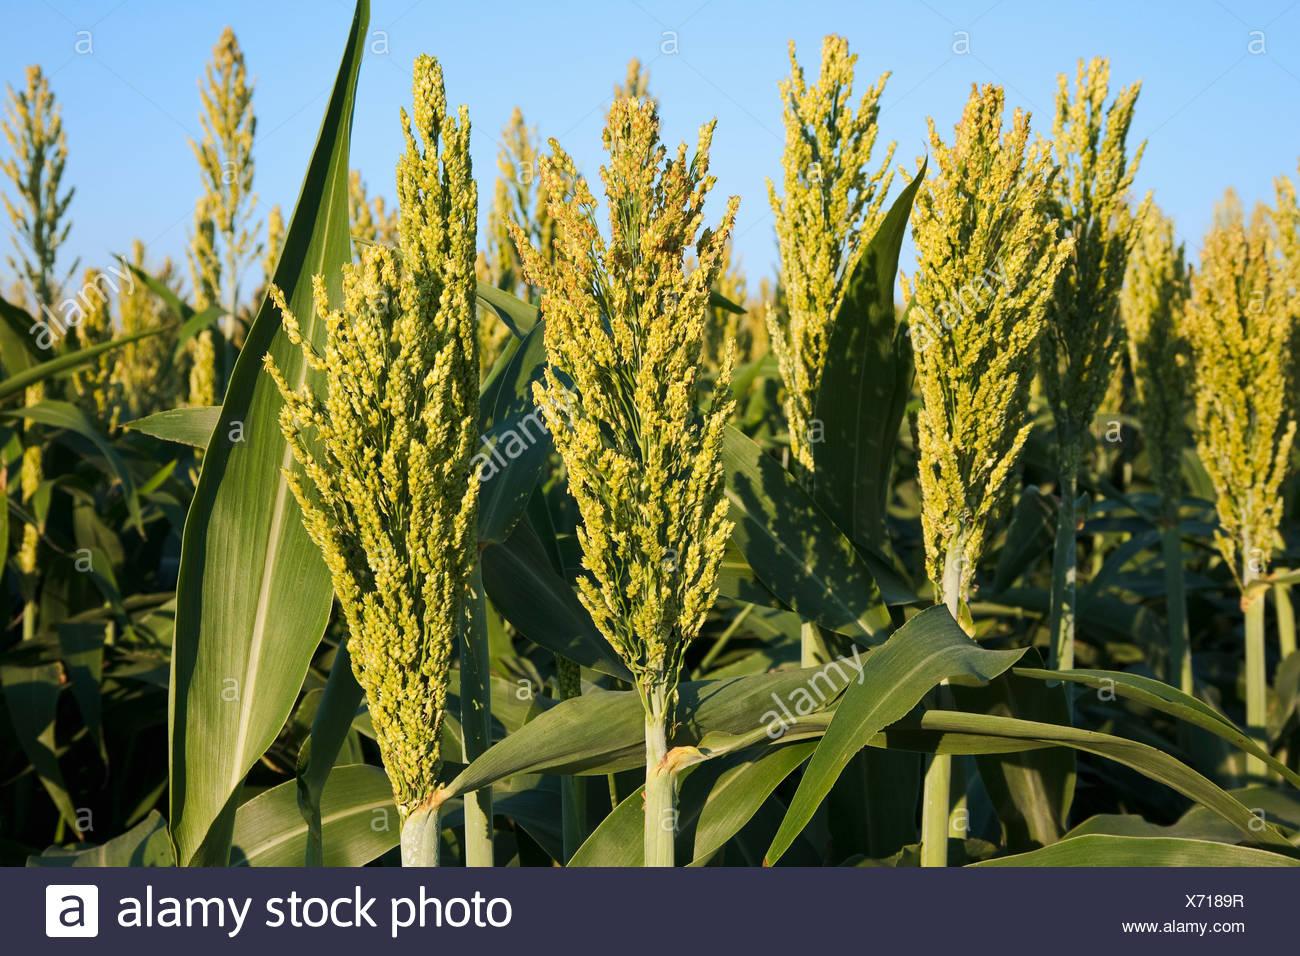 Agricoltura - Vista dettagliata del sorgo (milo) Piante con completamente formata e teste di maturazione / Arkansas, Stati Uniti d'America. Immagini Stock